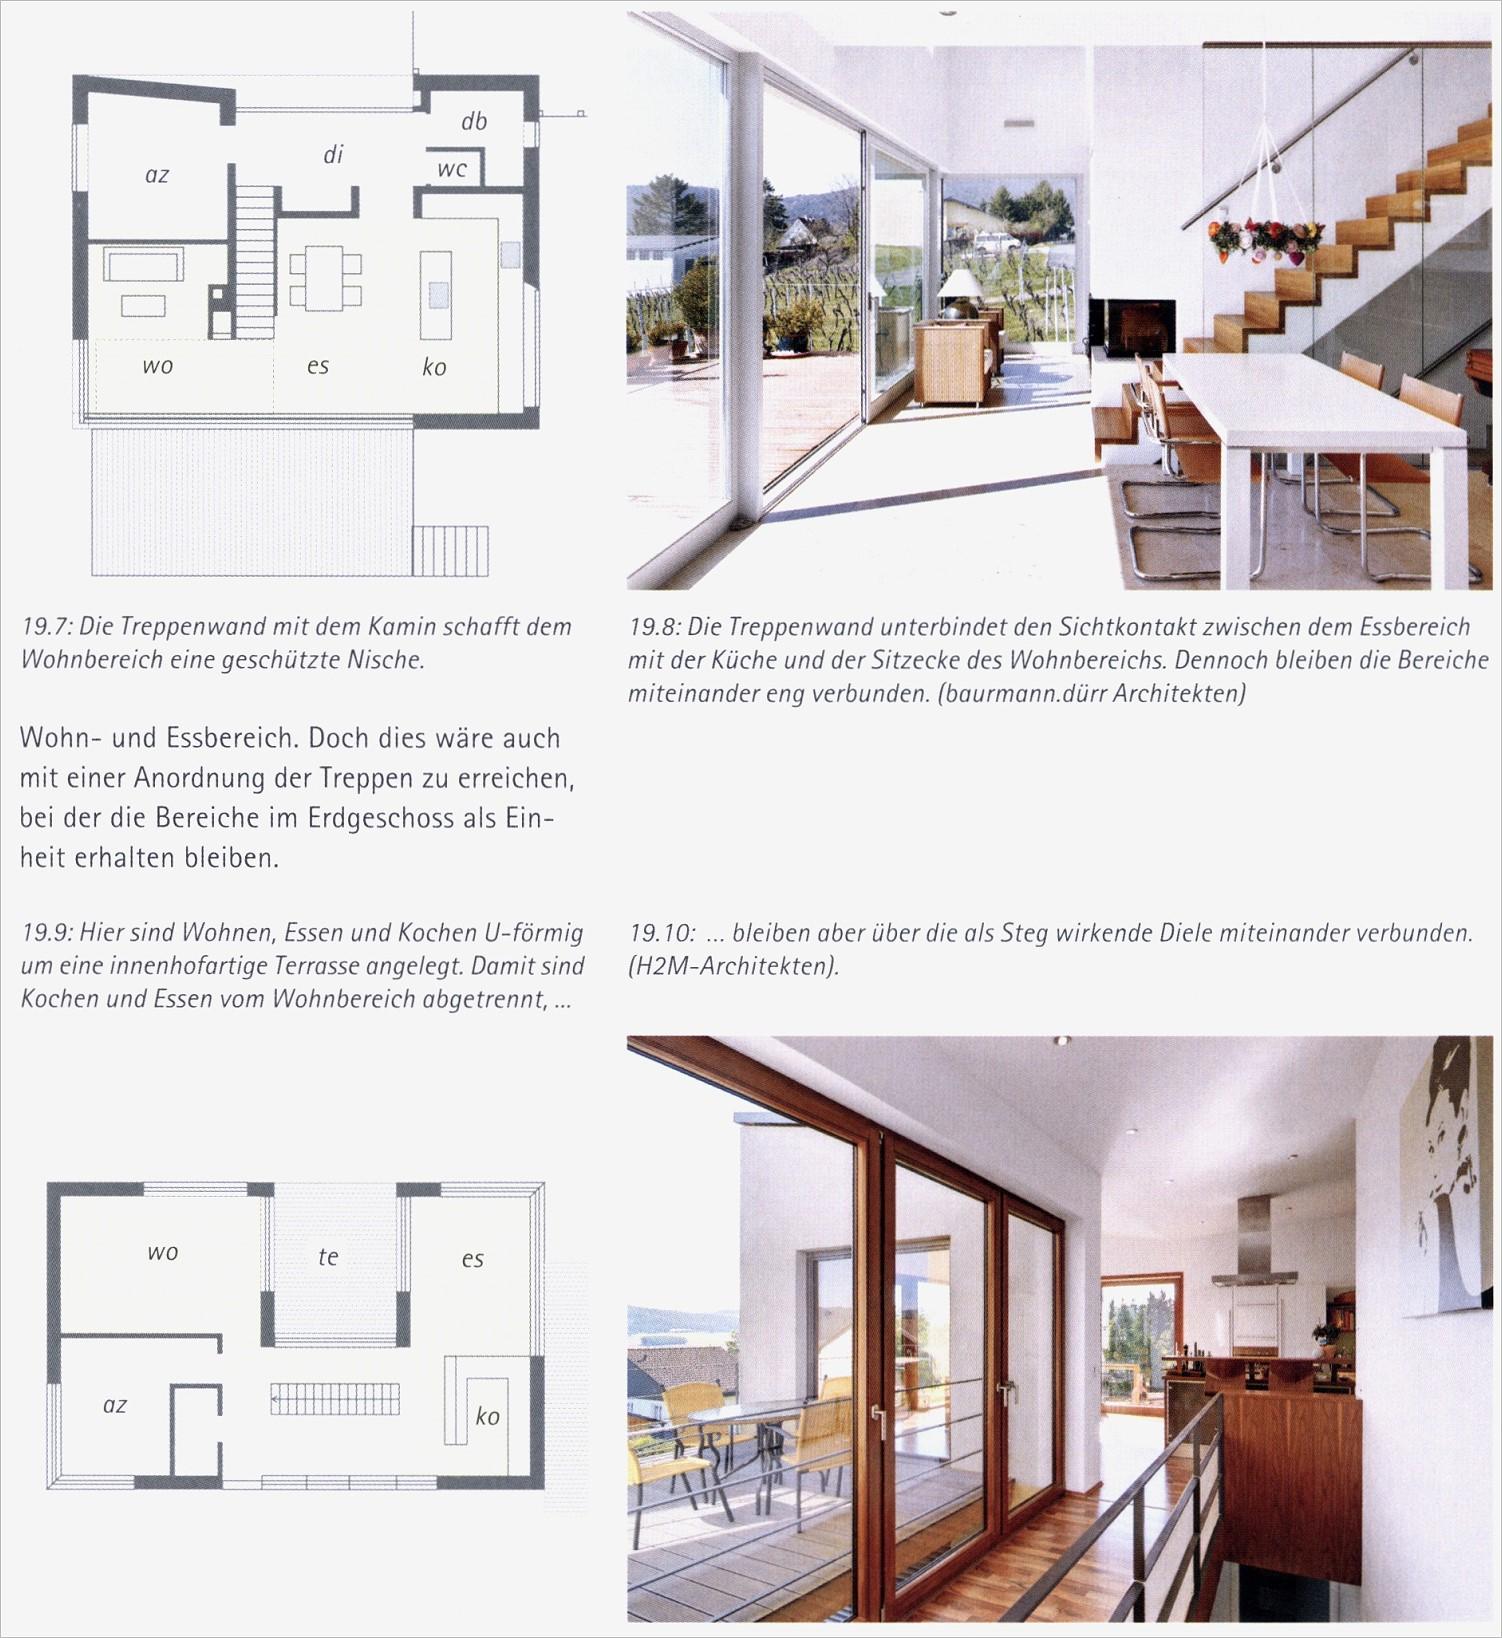 H2m Architekten h2m architekten auf stadtplan kulmbach anzeigen h2m architekten